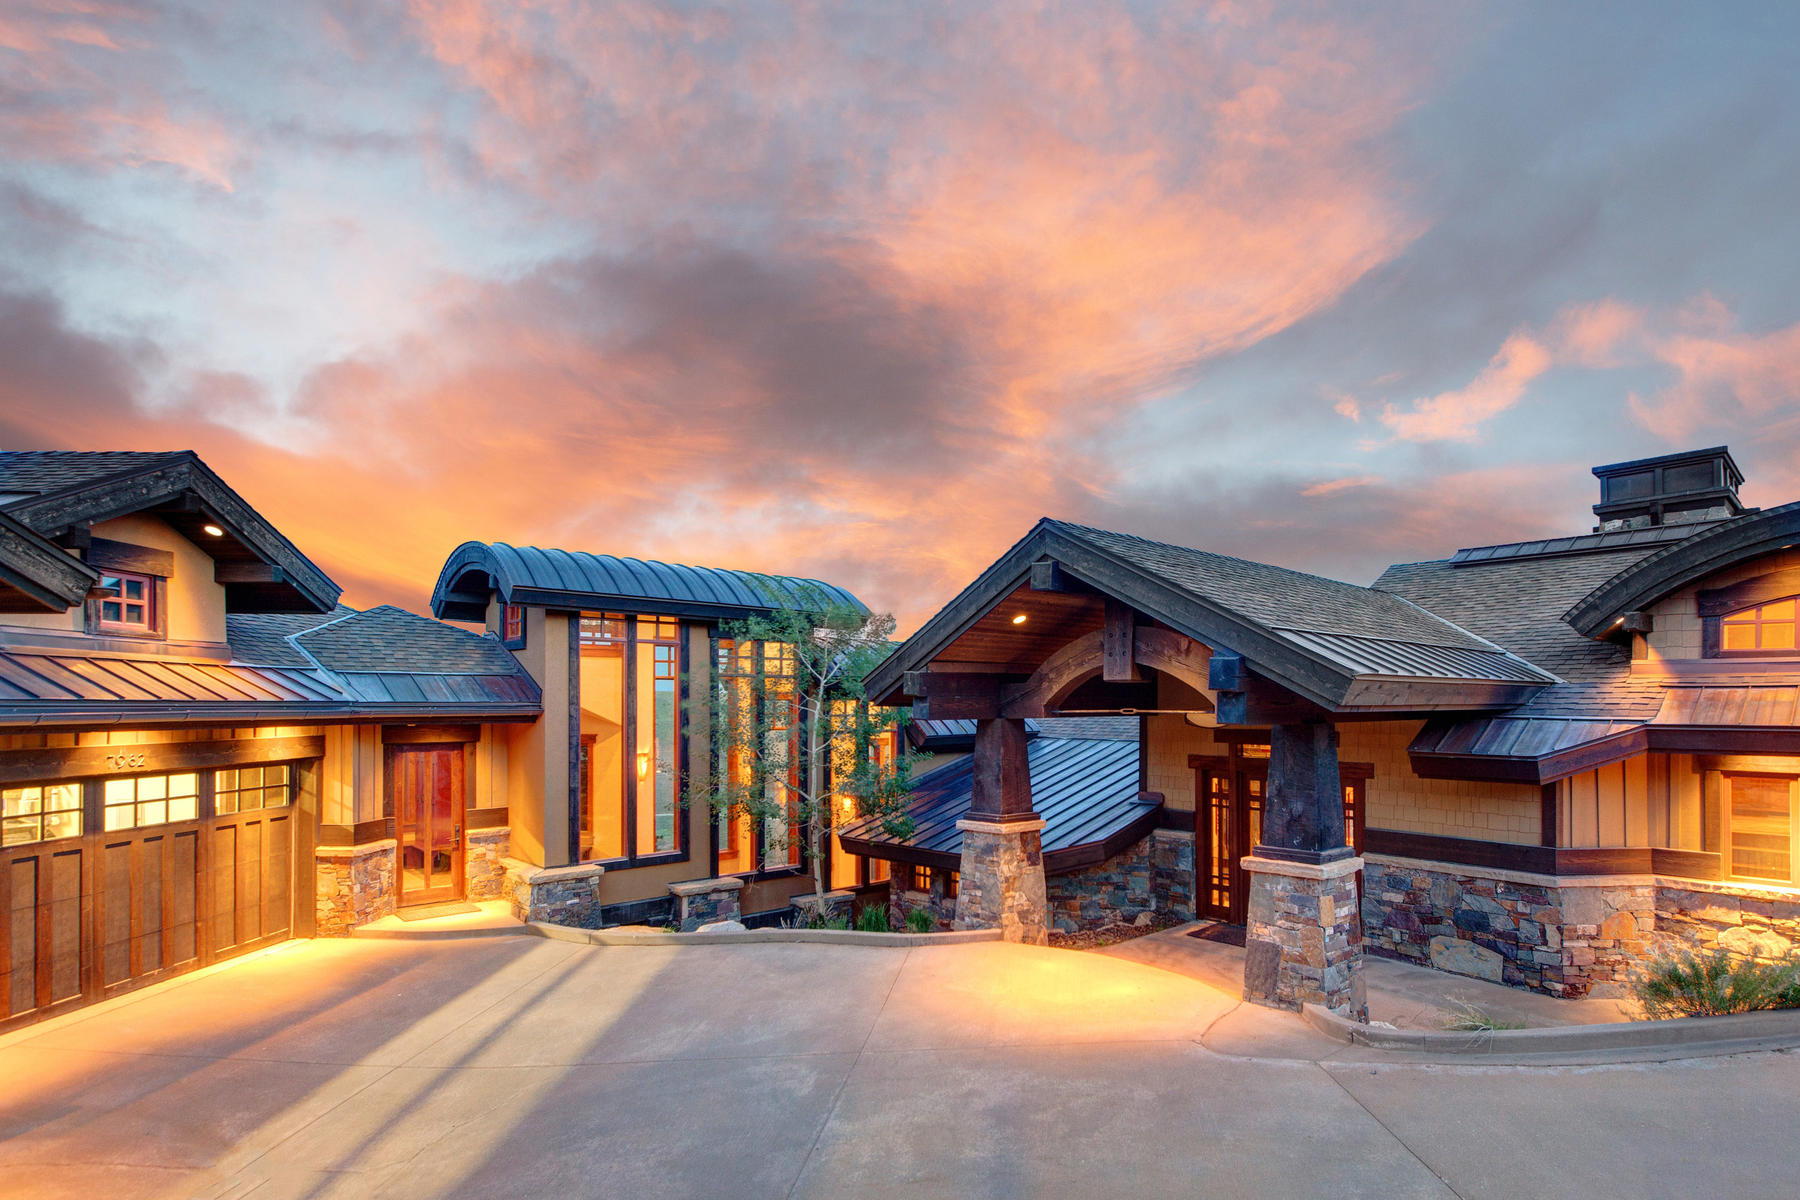 Maison unifamiliale pour l Vente à Warm Contemporary Promontory Home With 270 Degree Mountain Views 7982 N Sunrise Lp Park City, Utah, 84098 États-Unis